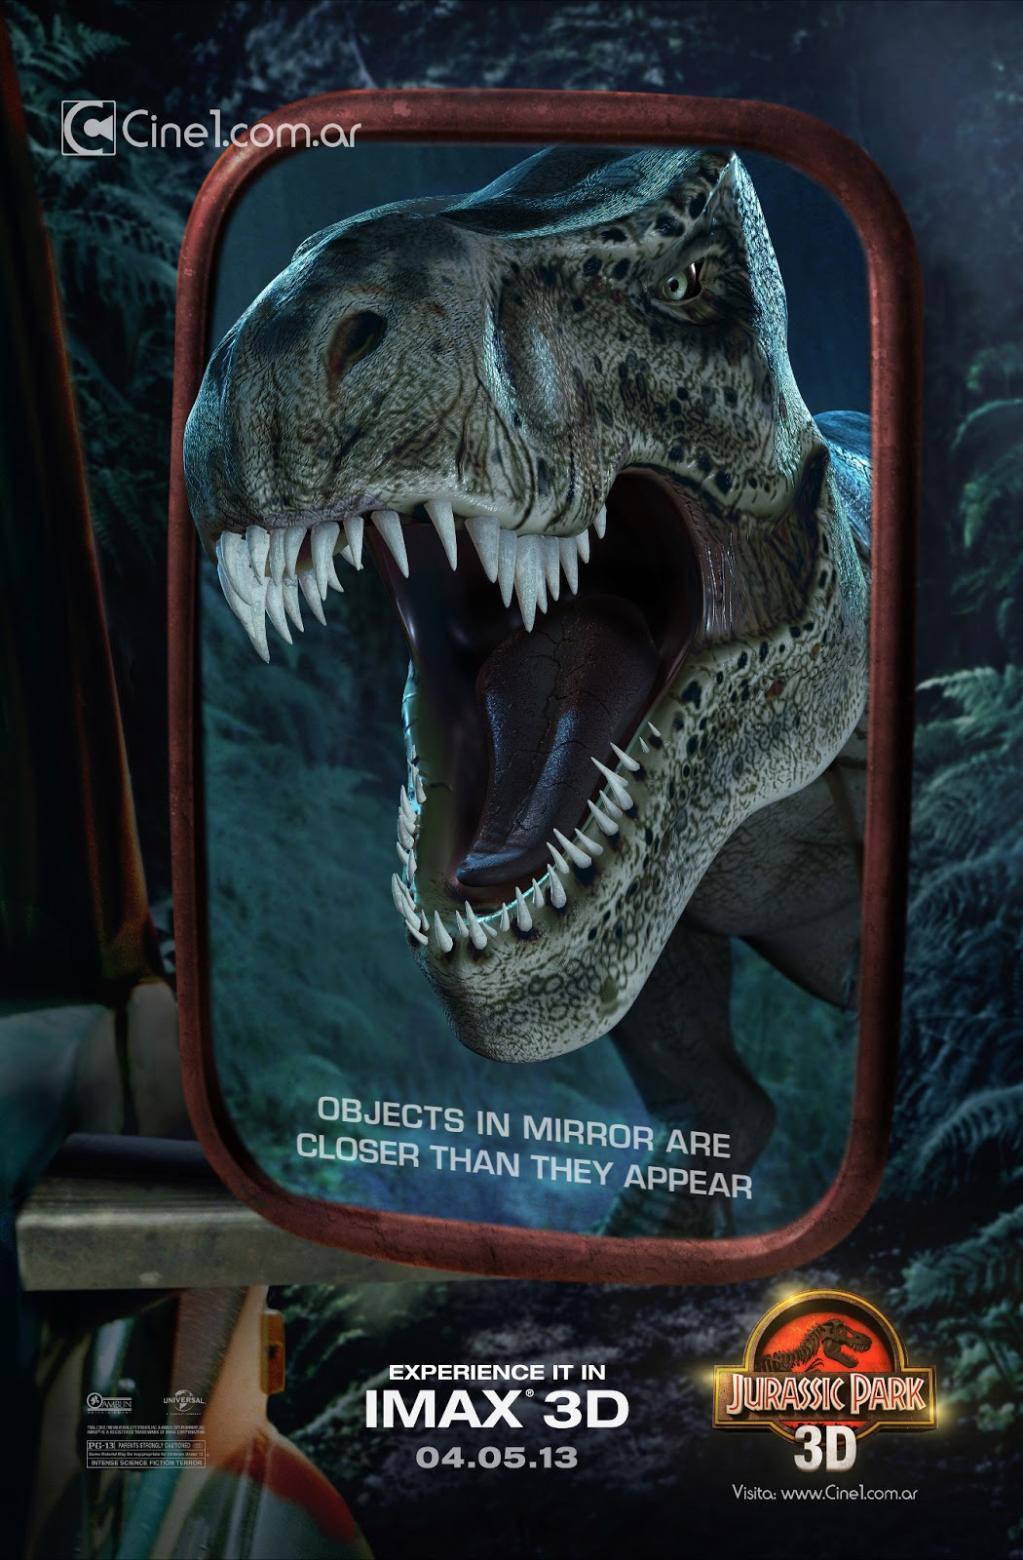 Jurassic Park 3D - Poster - 002